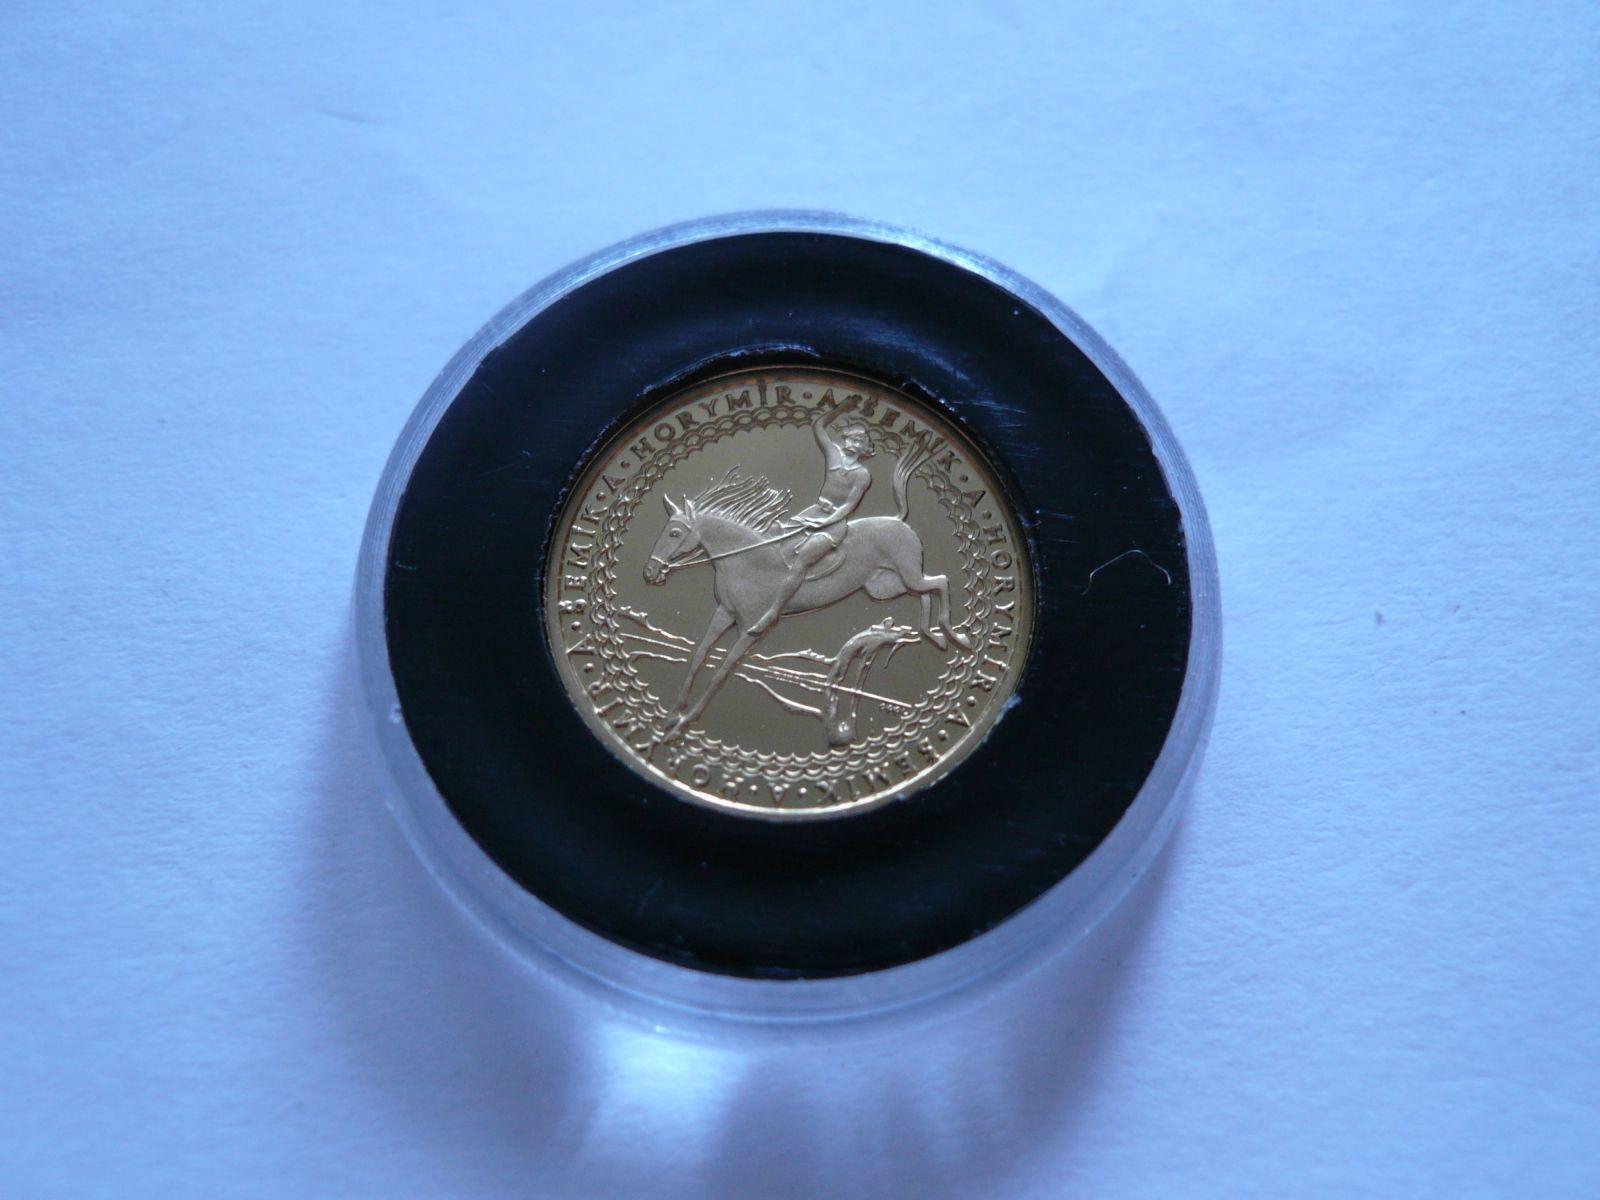 Au medaile Horymír, průměr 18mm, Au 585, 2,05g, ČR